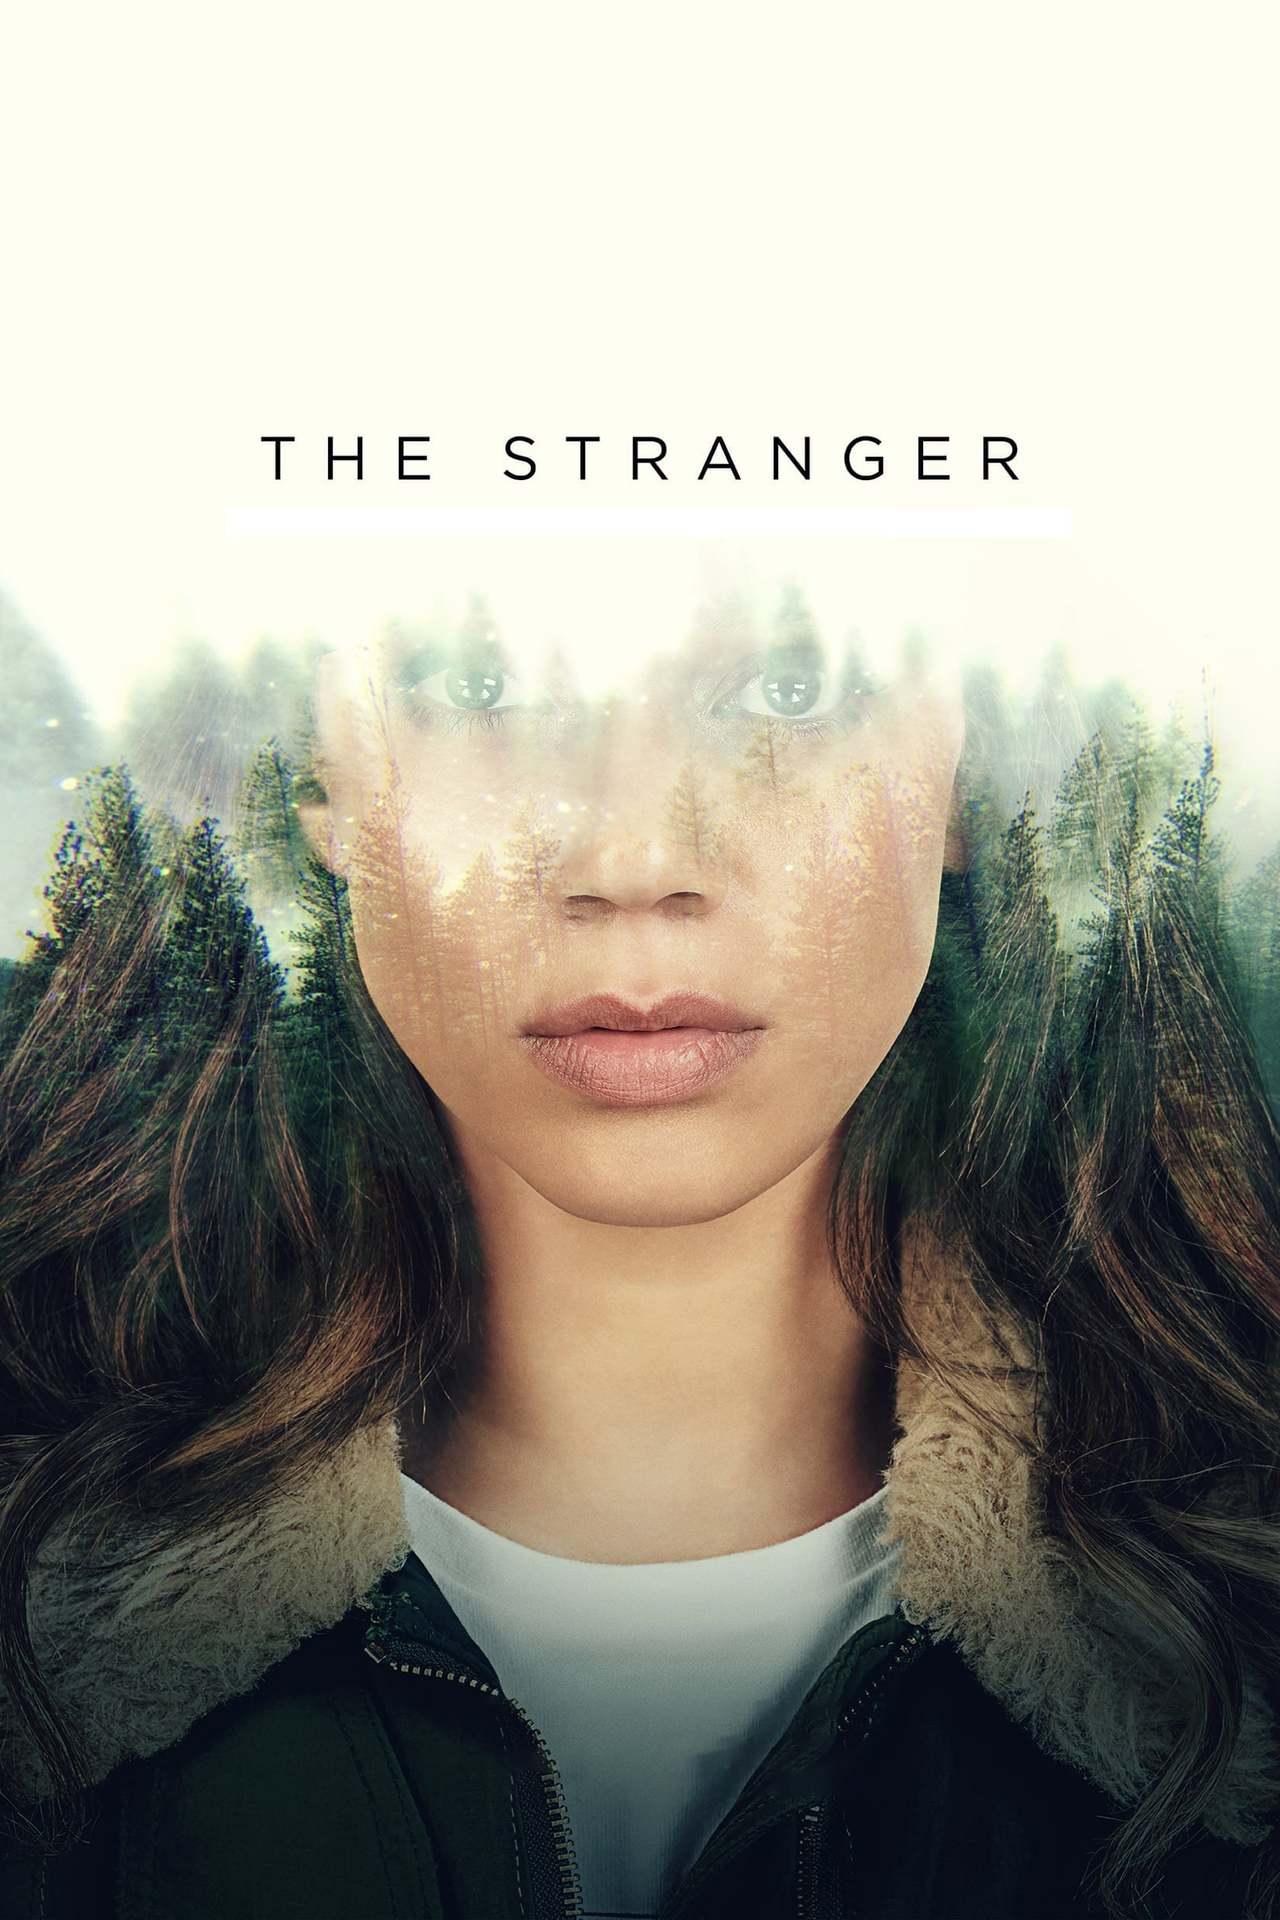 Постер фильма Незнакомец The Stranger 2020